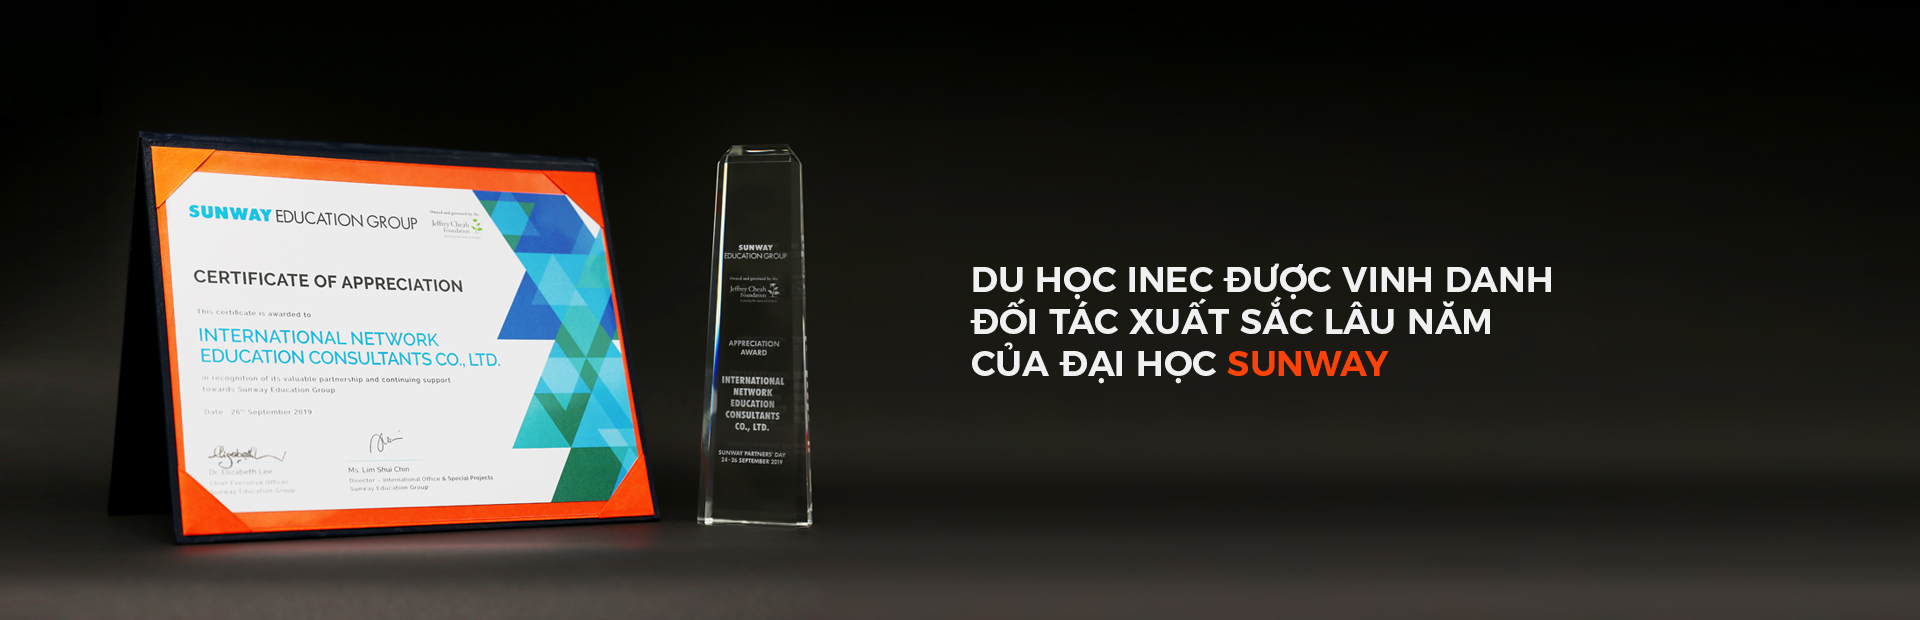 Sunway award